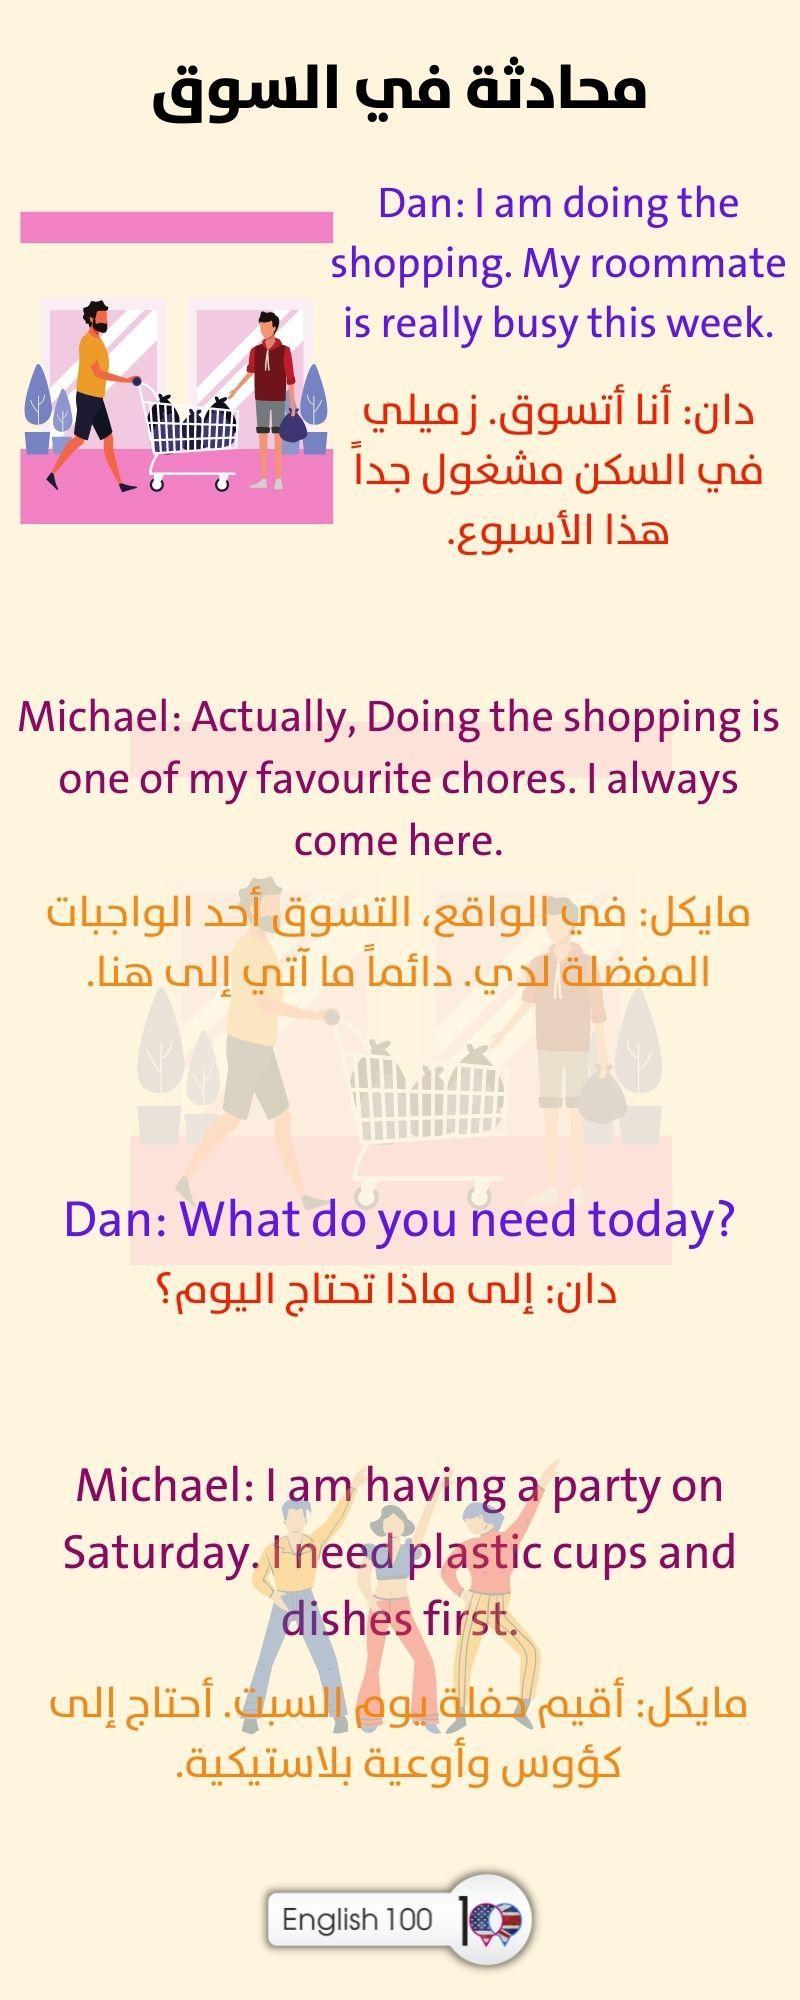 محادثة بين شخصين بالانجليزي في السوق Conversation between Two People in the Market